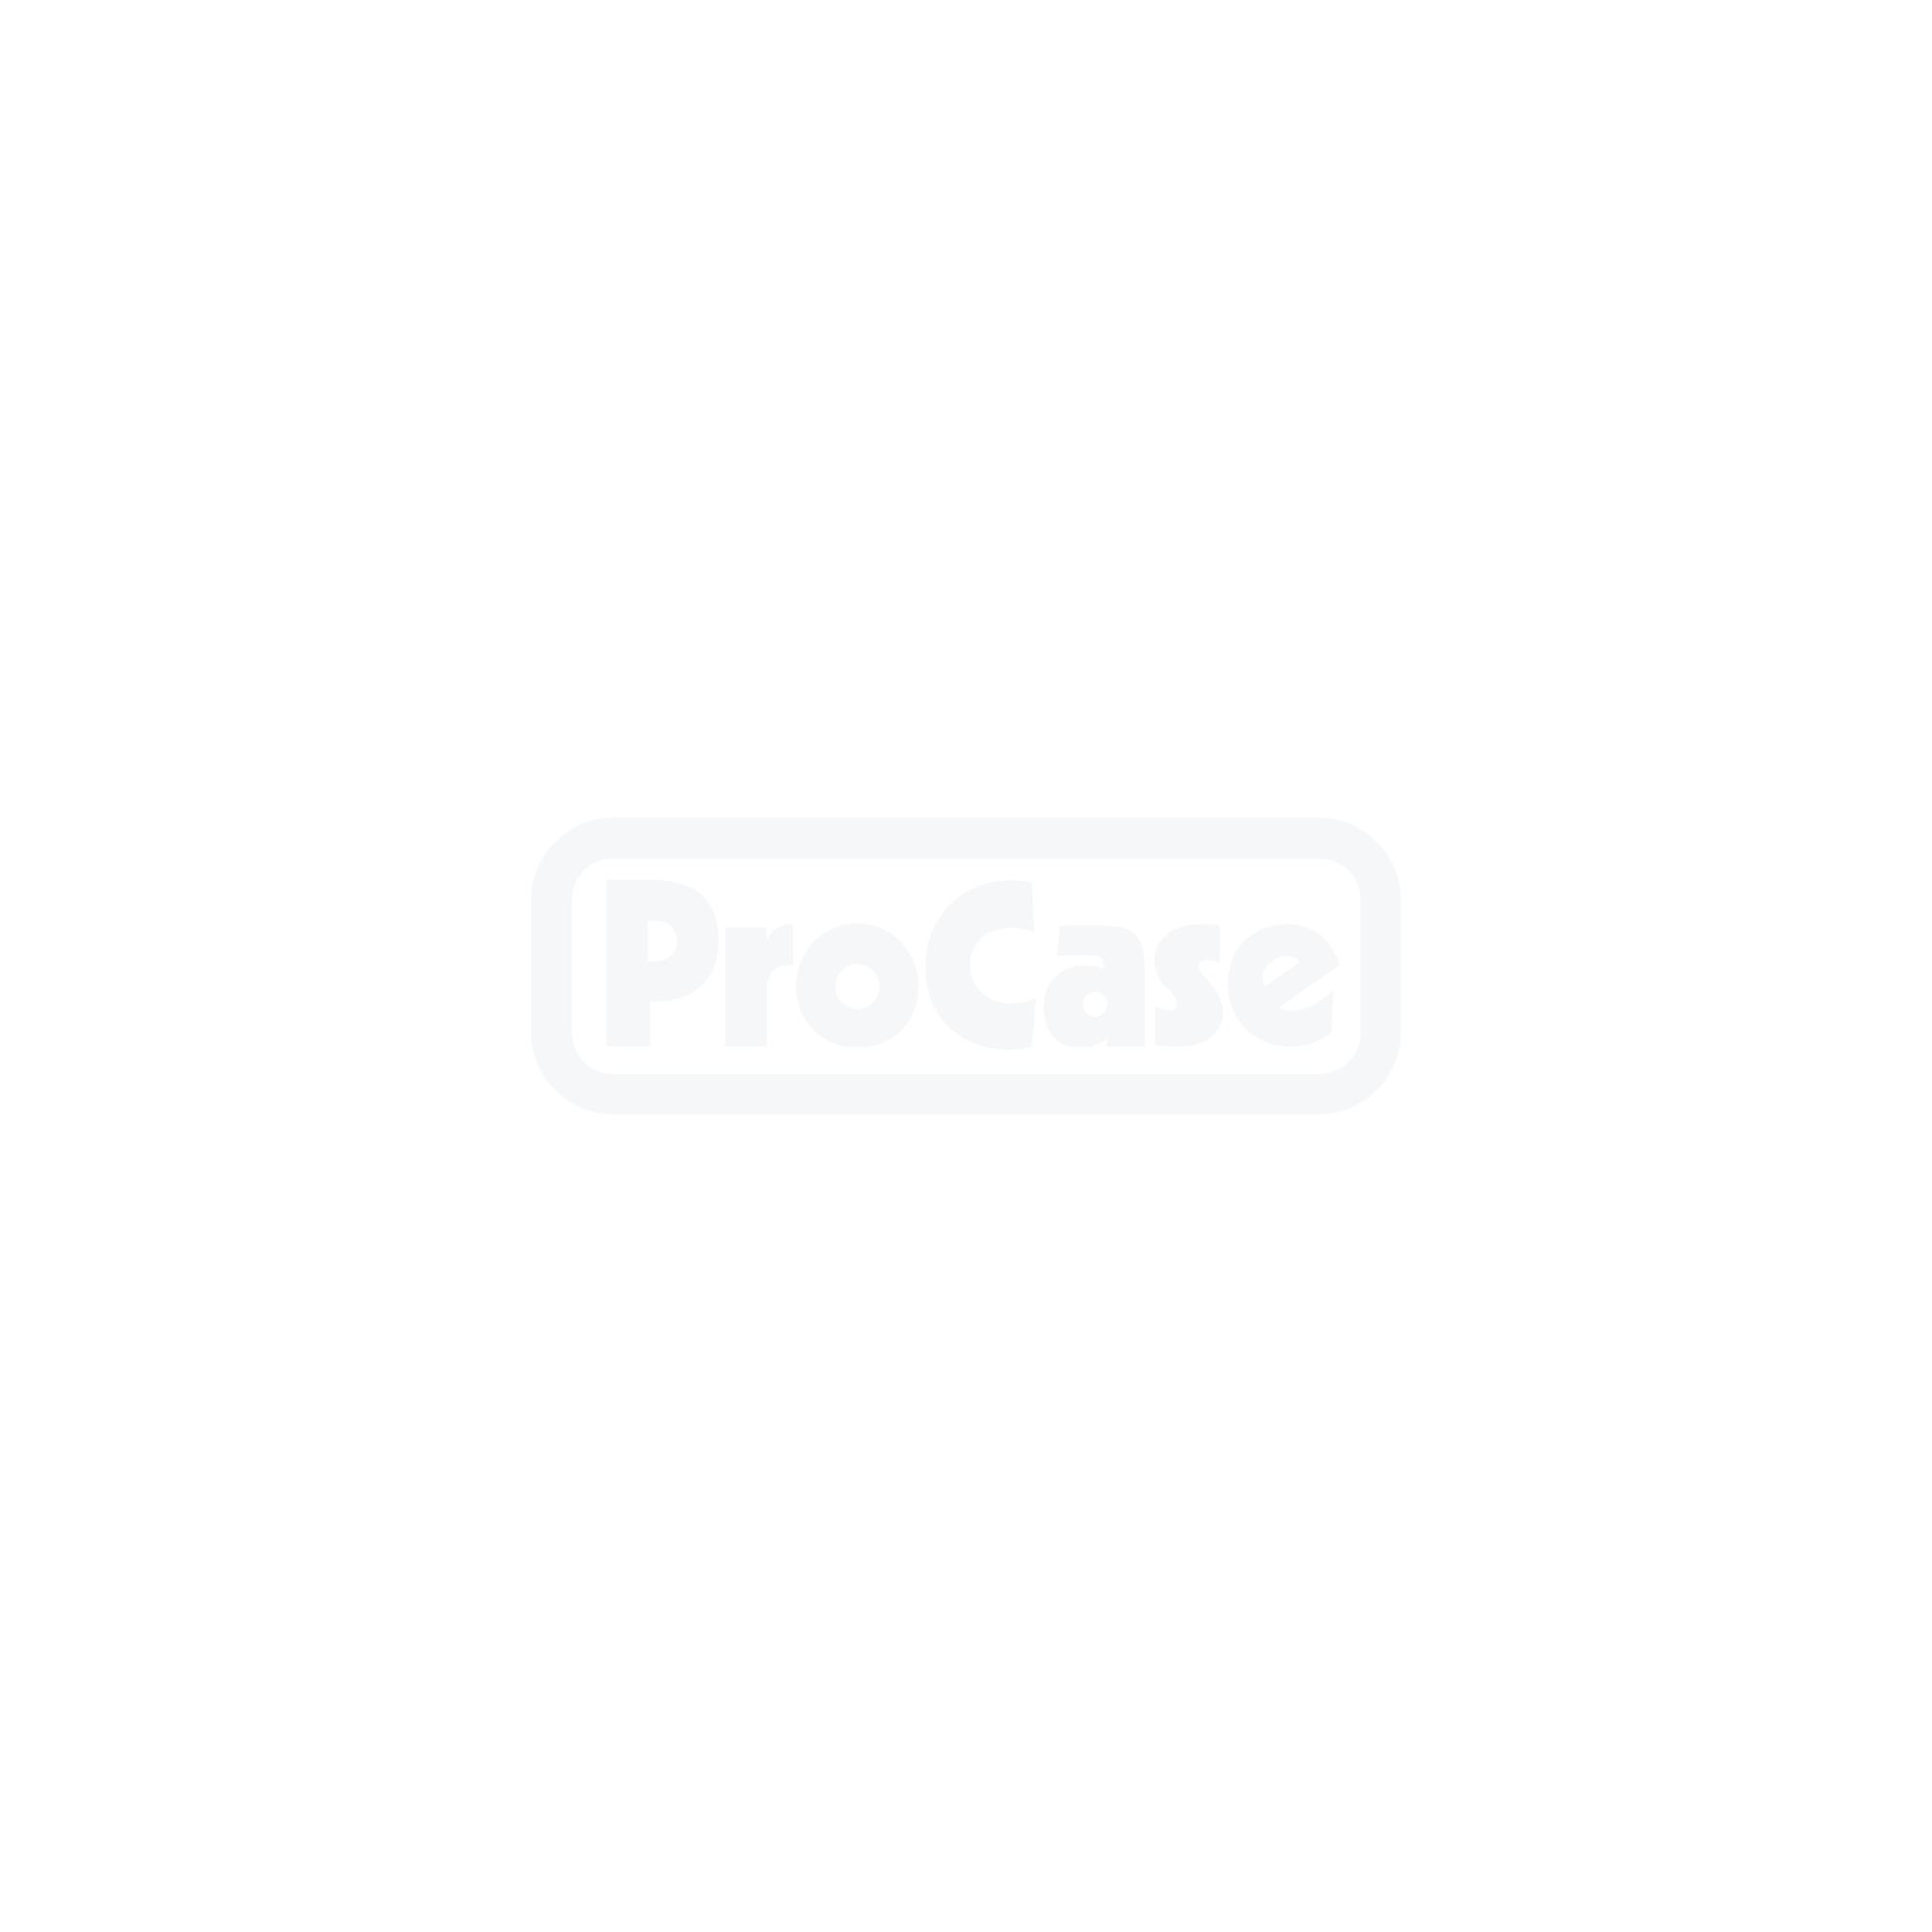 Flightcase für Vinten Quattro-OBL Kamera-Pedestal